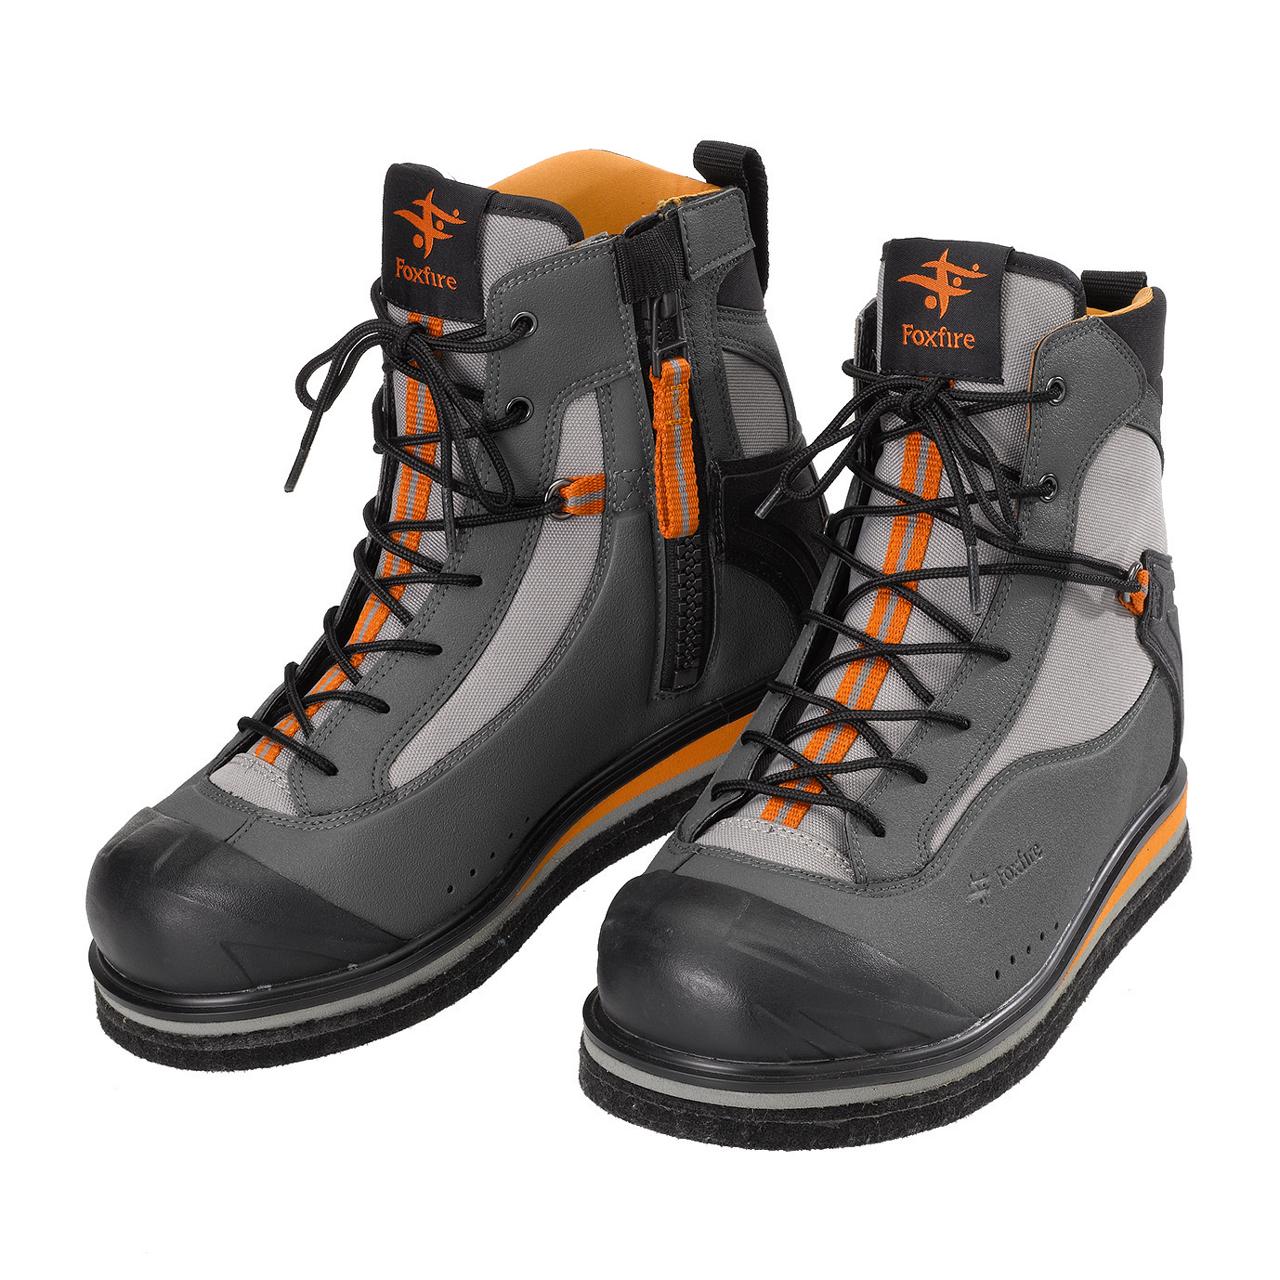 Foxfire Quick Zip 6 Wading Shoes | TIEMCO